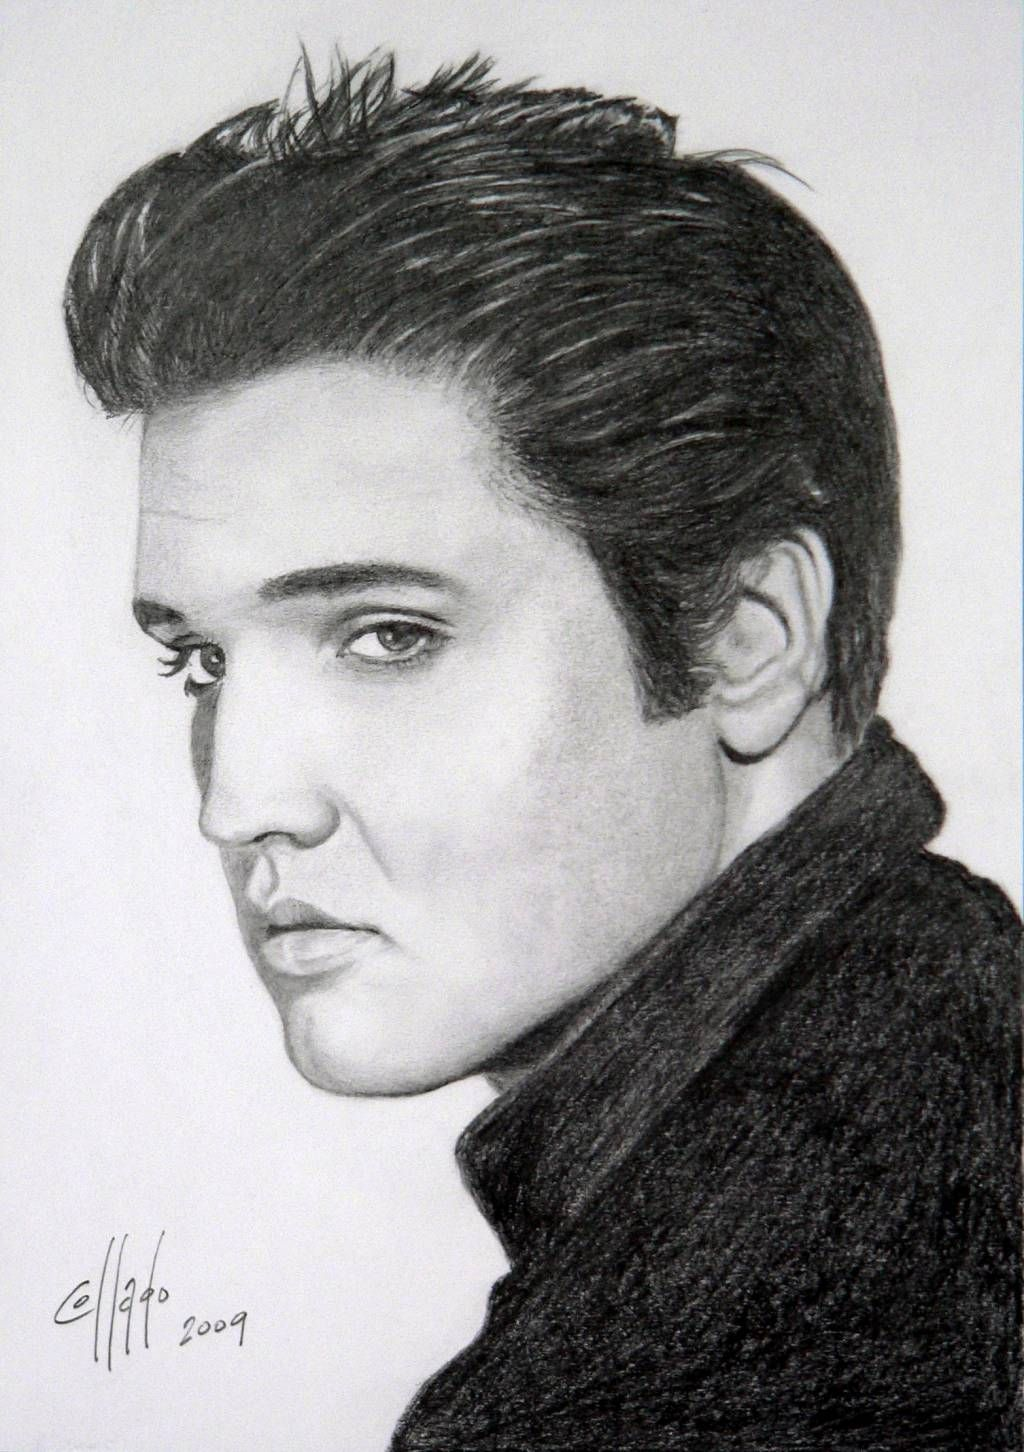 Pictures Of Elvis Elvis Presley Juan Carlos Moreno Collado